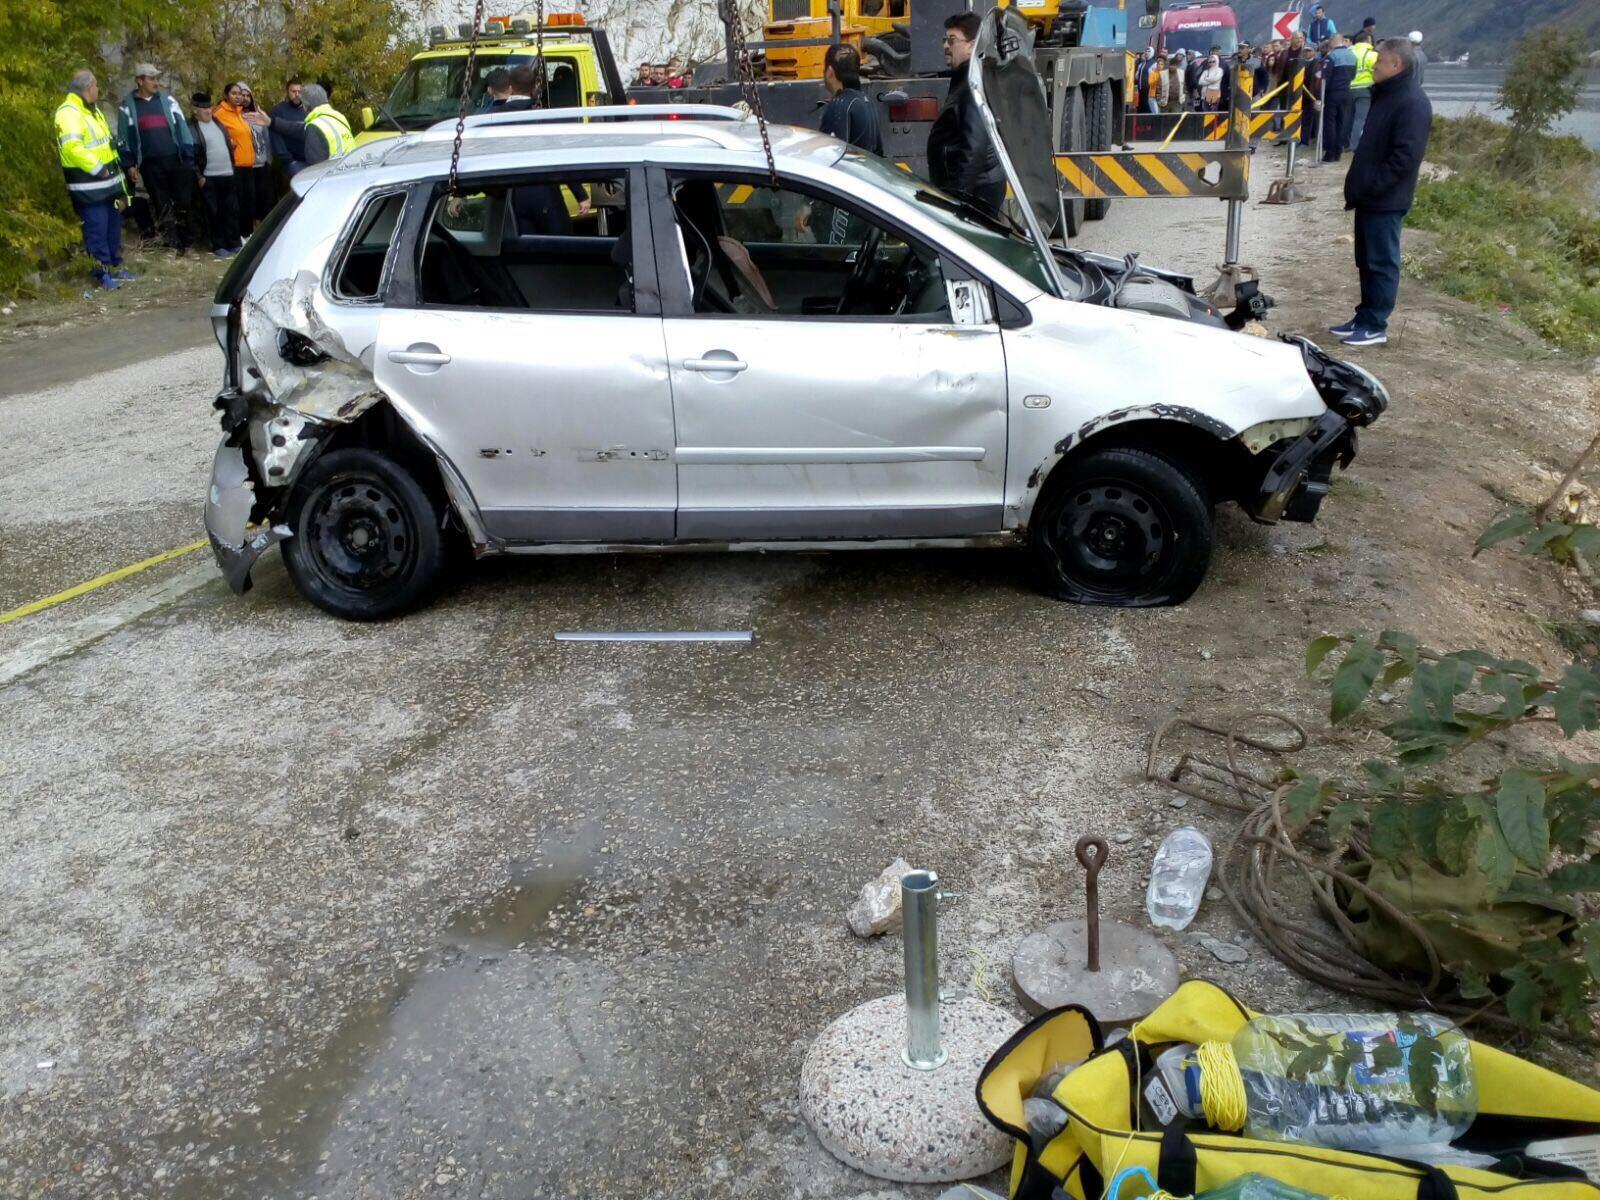 Maşina căzută sâmbătă în Dunăre, verificată la un service autorizat: portierele erau blocate / Cele patru persoane care ar fi dispărut sunt în continuare căutate